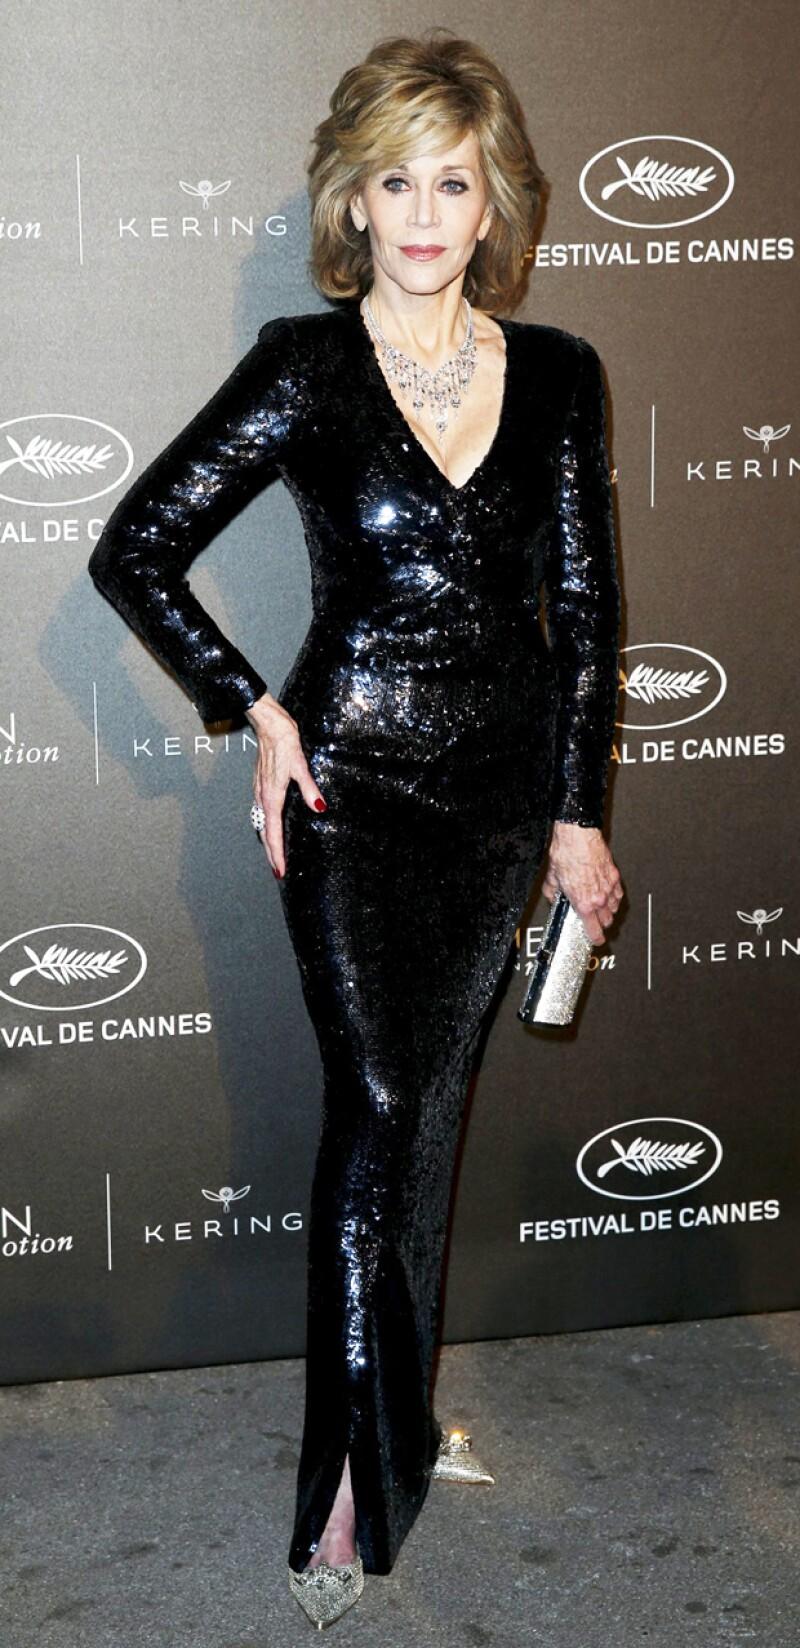 También durante el fin de semana pero para una cena de gala en la que fue reconocida, Jane lució este elegante y brillante atuendo.